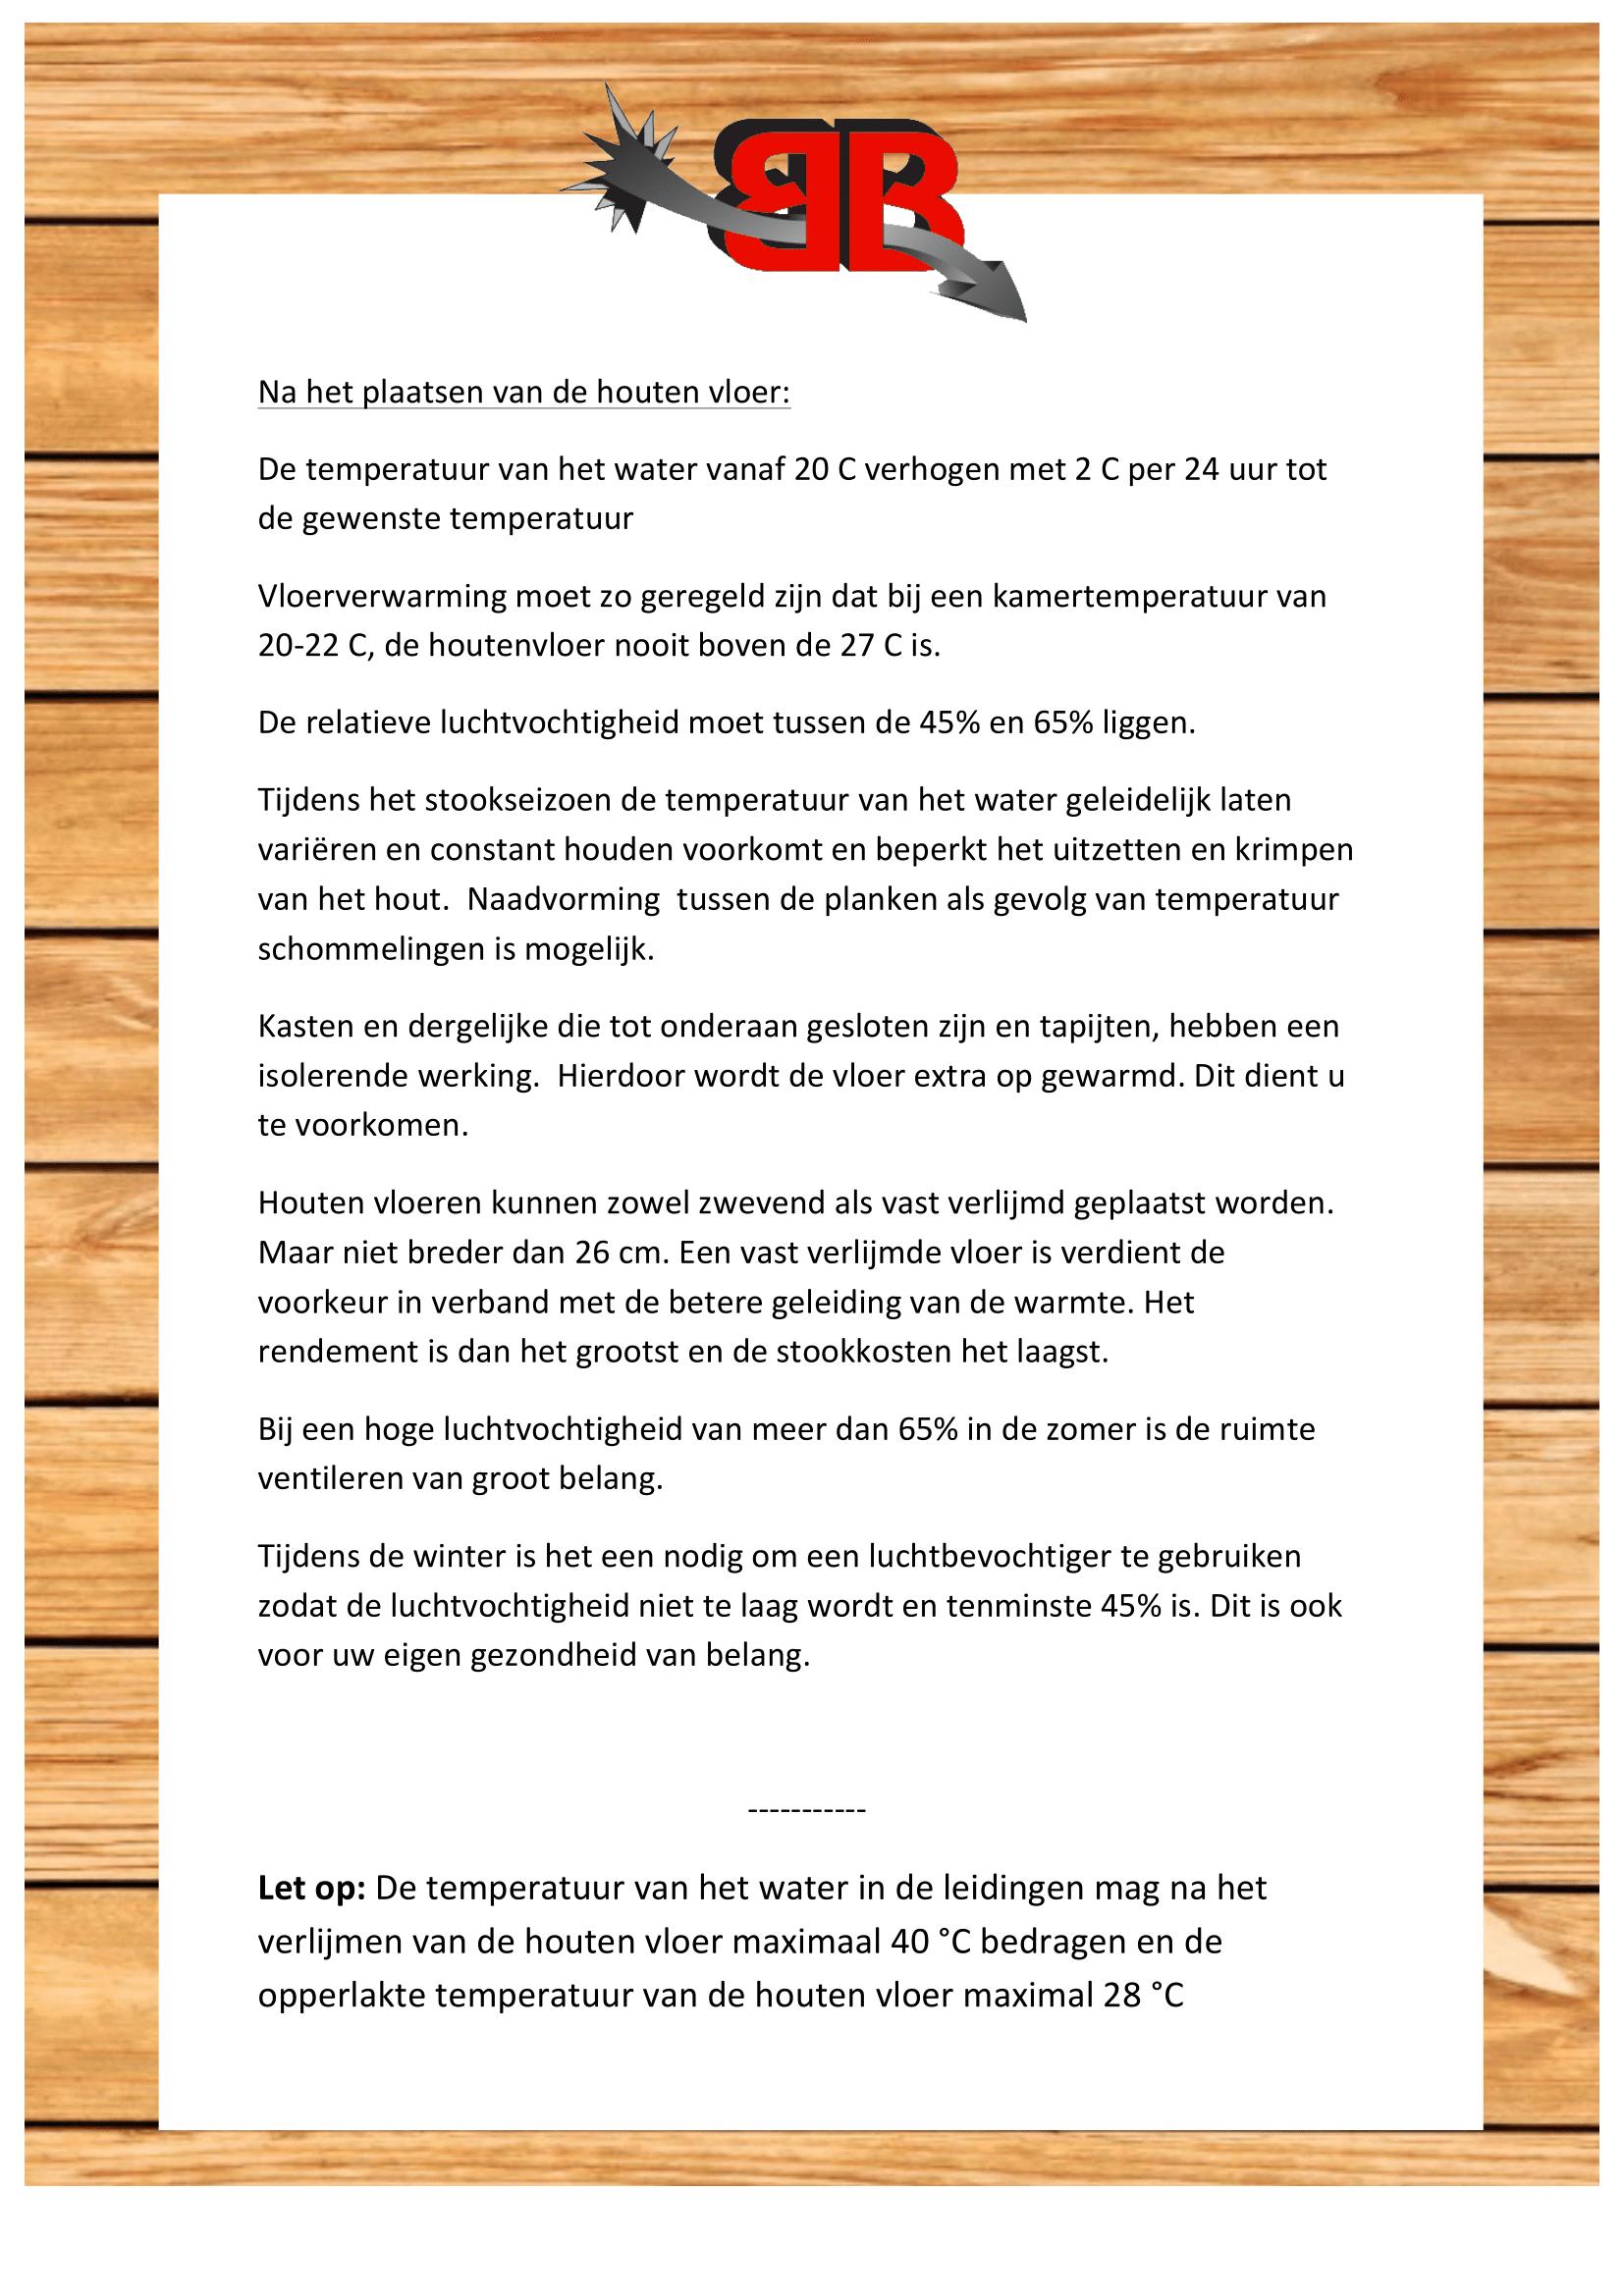 Bebo Stookprotocol 1.2-2